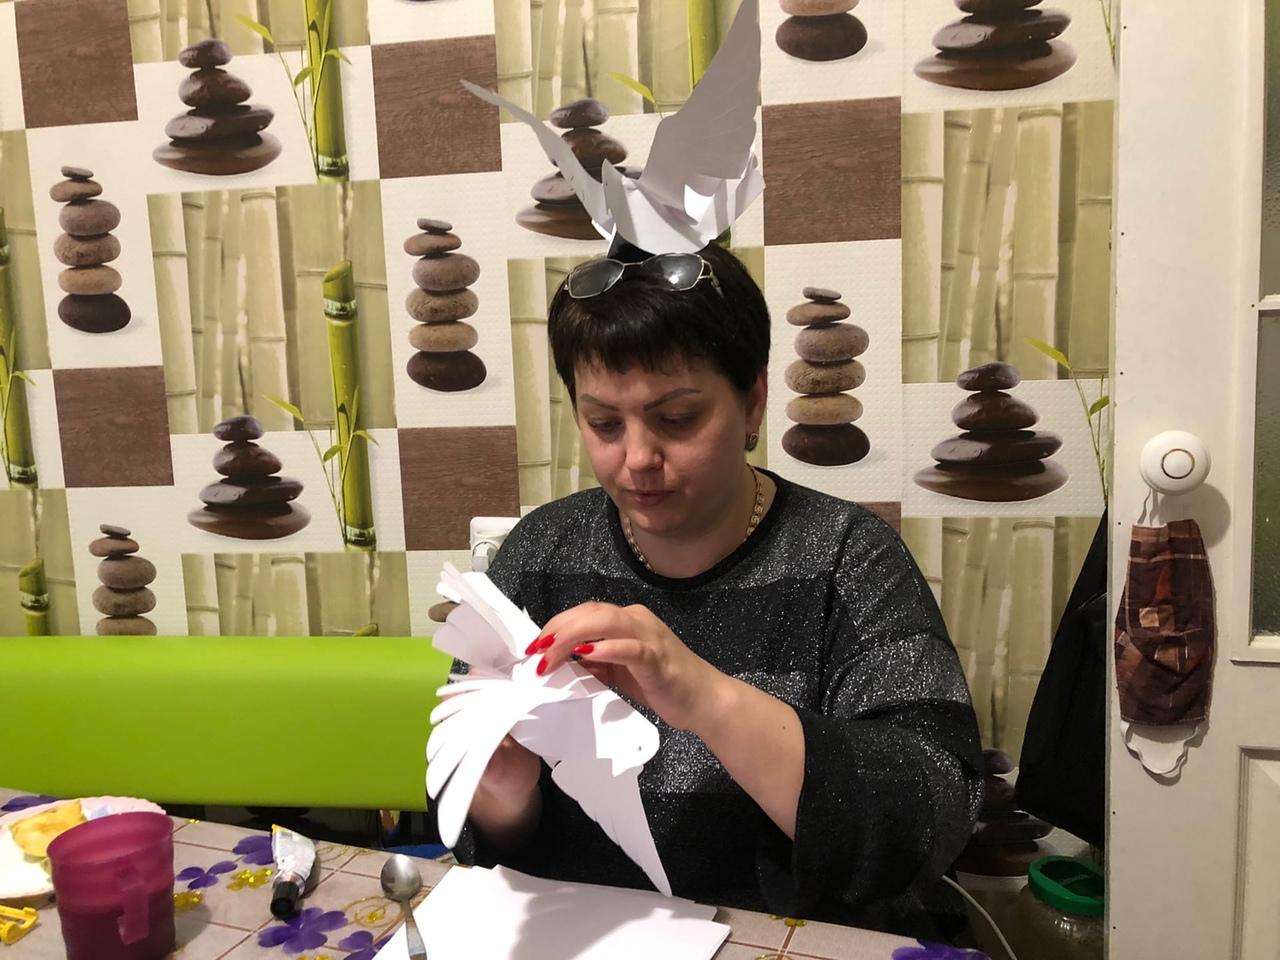 Фото альбом ромашиной минск вакансии для девушки работа